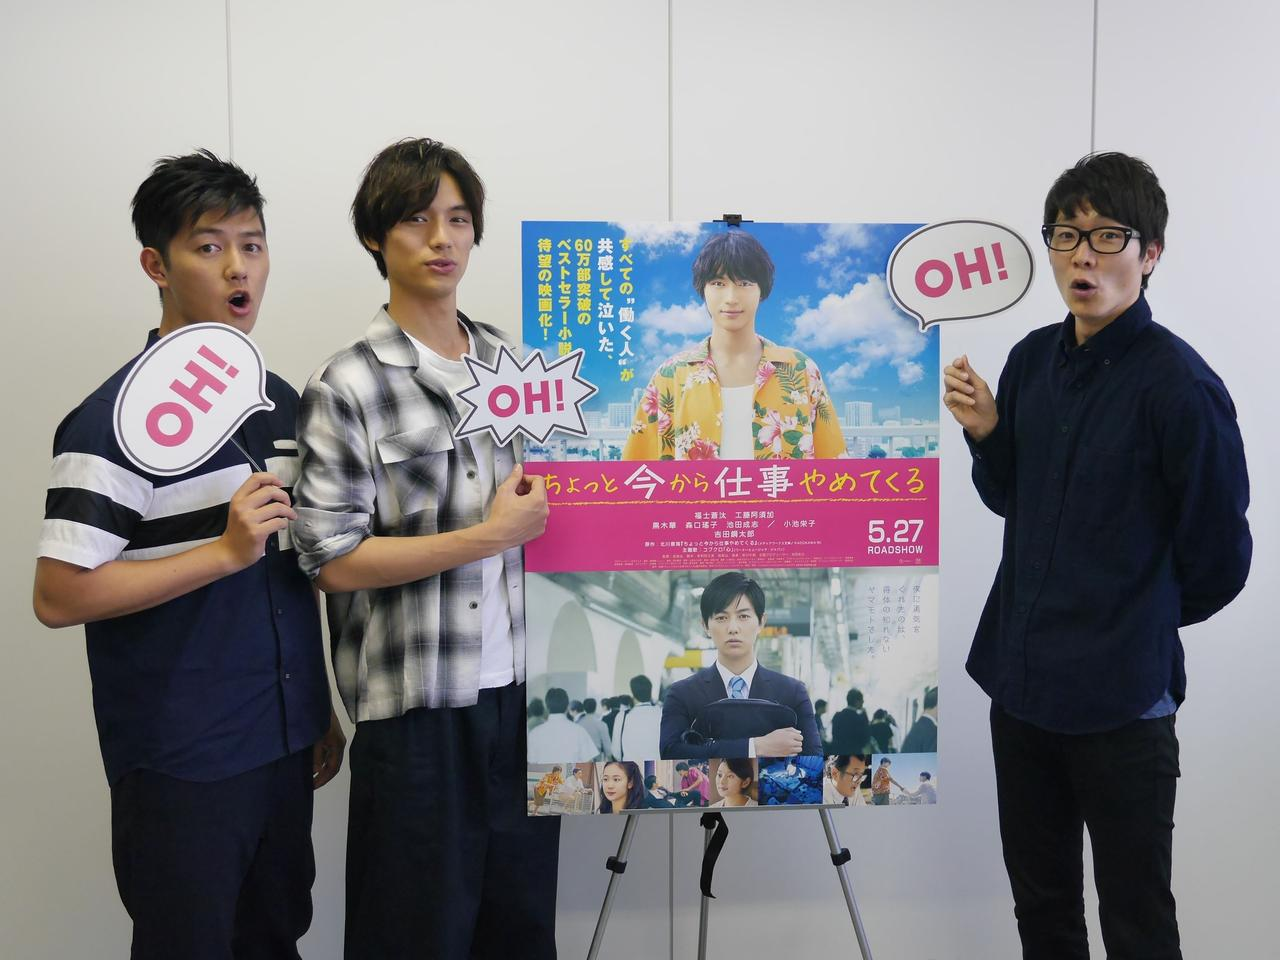 画像2: 映画『ちょっと今から仕事やめてくる』 福士蒼汰さん、工藤阿須加さんインタビュー